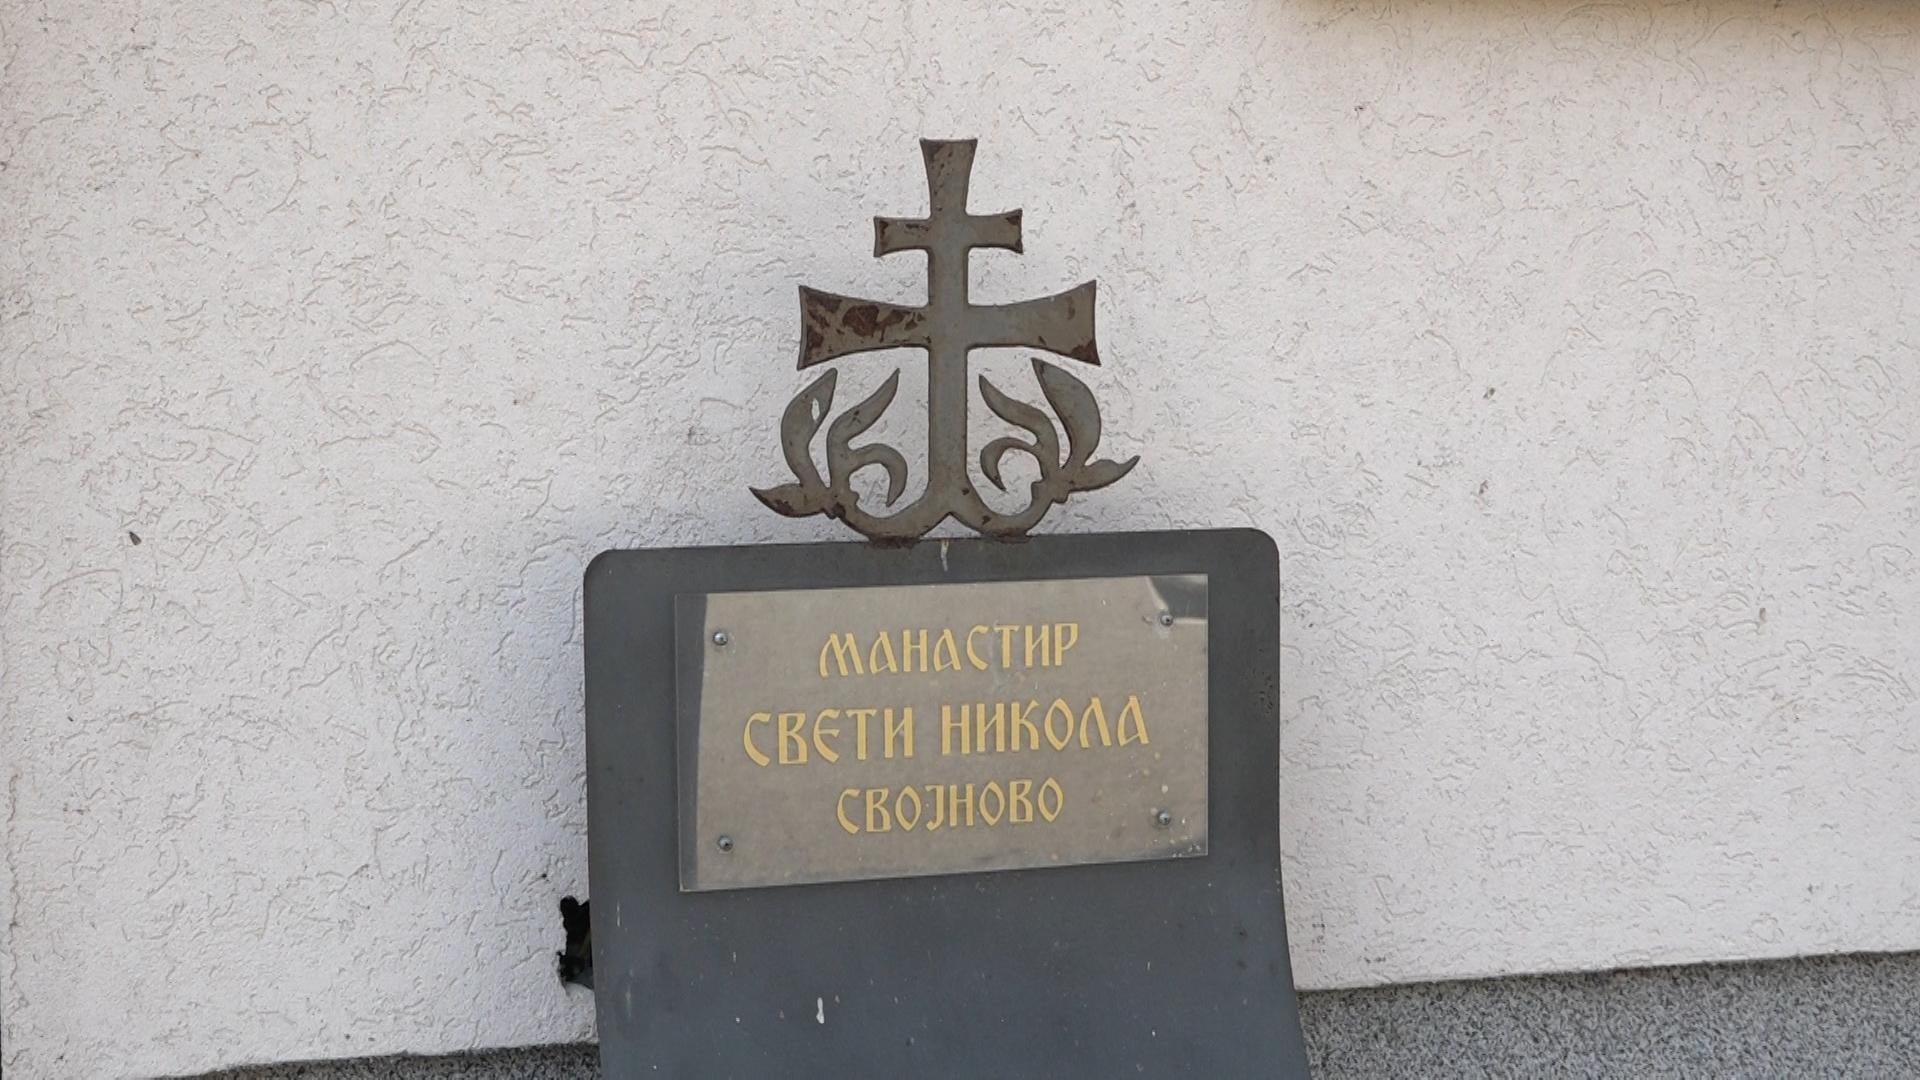 Svete vode manastira Svetog Nikole Mirlikijskog u Svojnovu